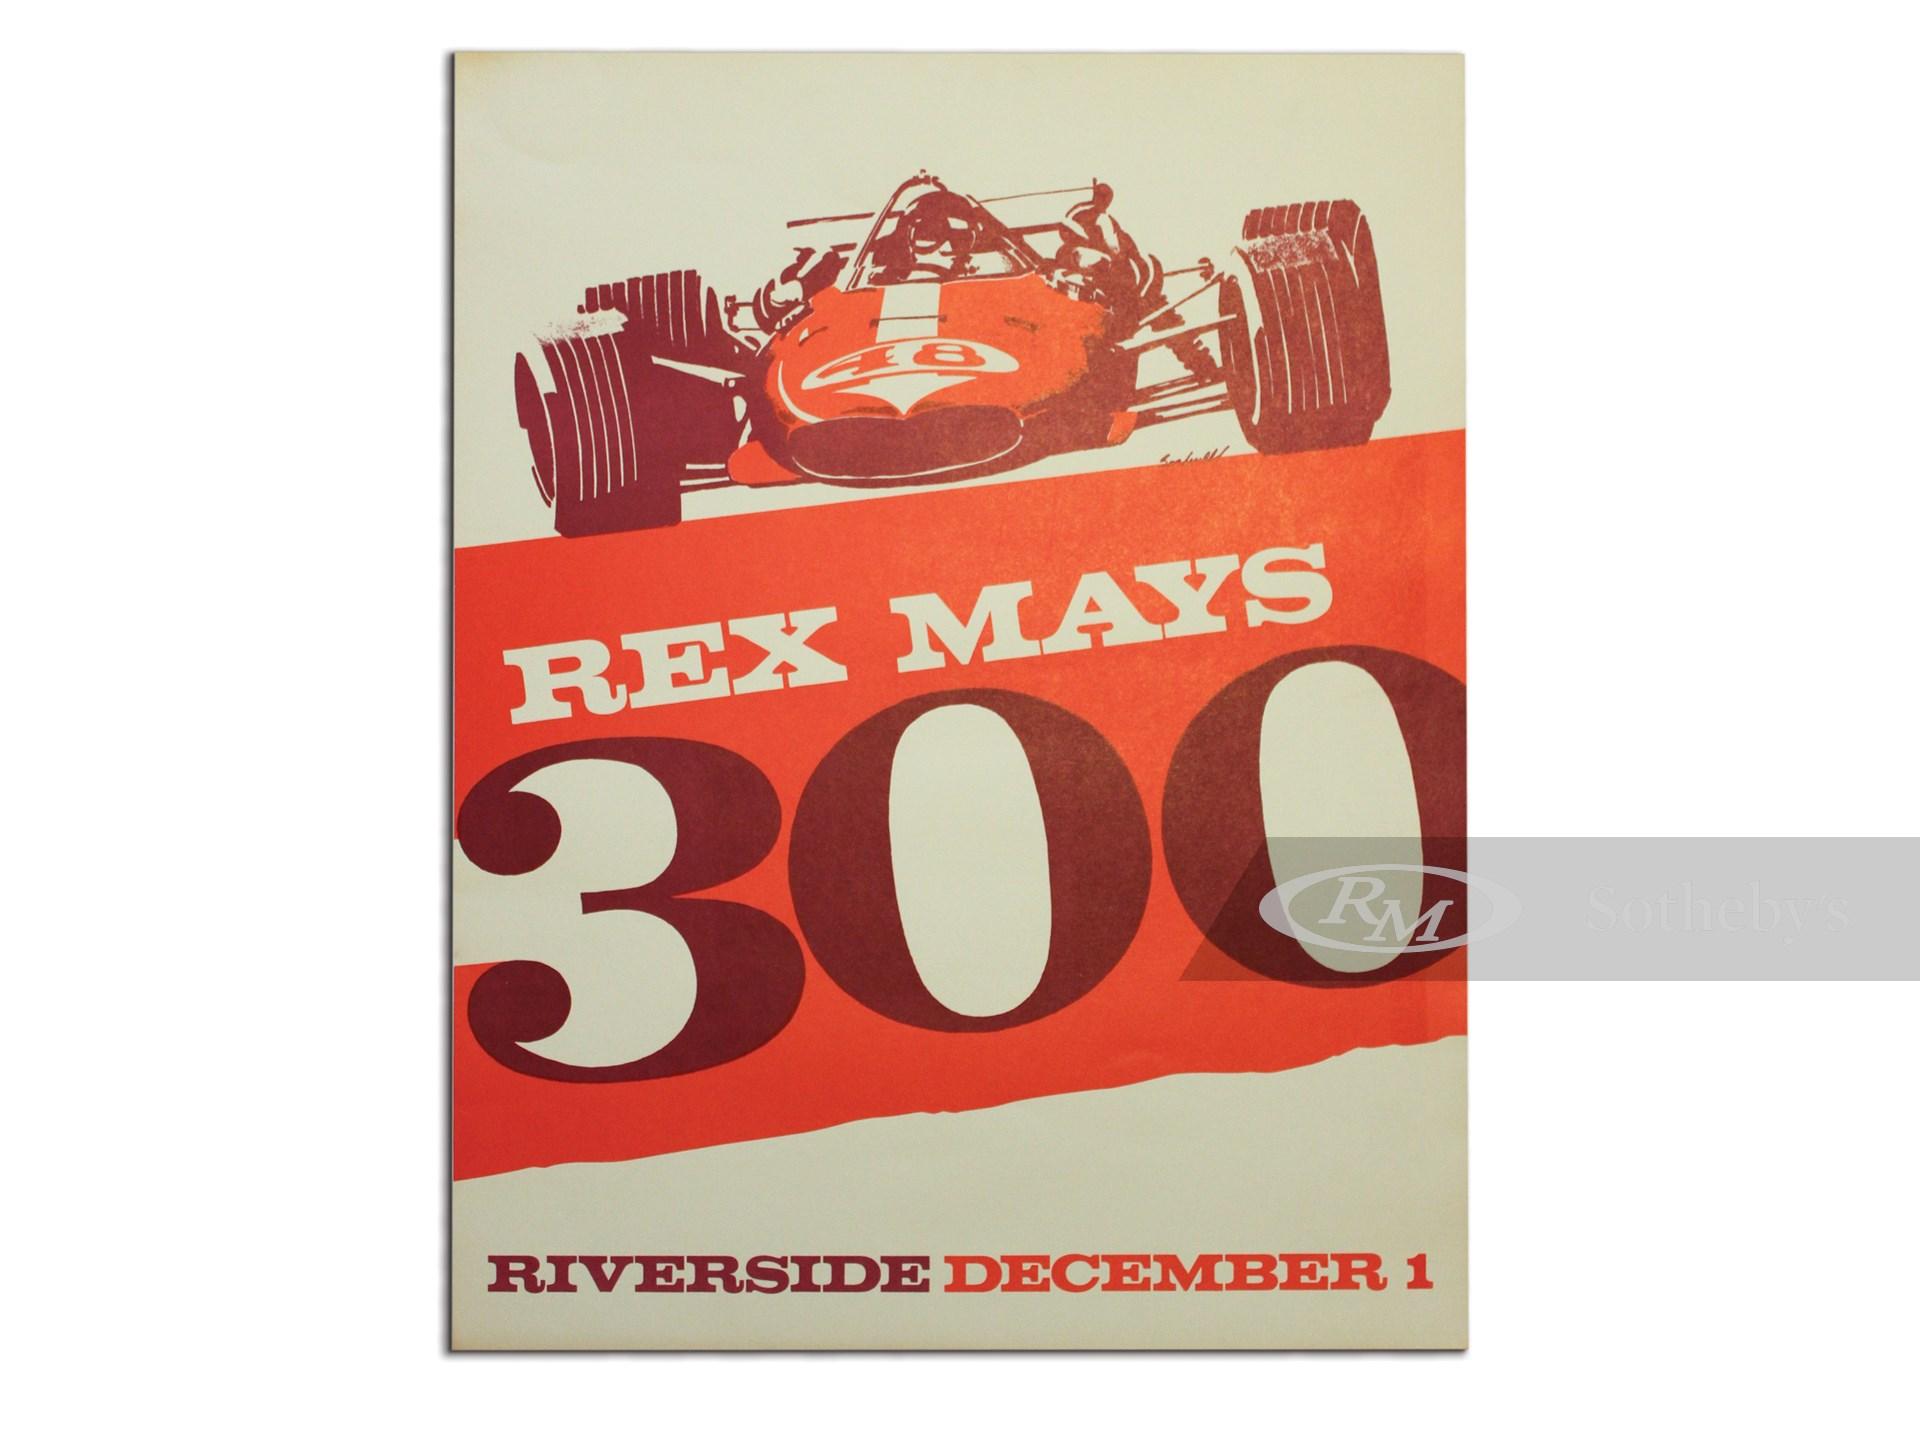 """""""Rex Mays 300 Riverside December 1"""" Vintage Event Poster, 1967 -"""